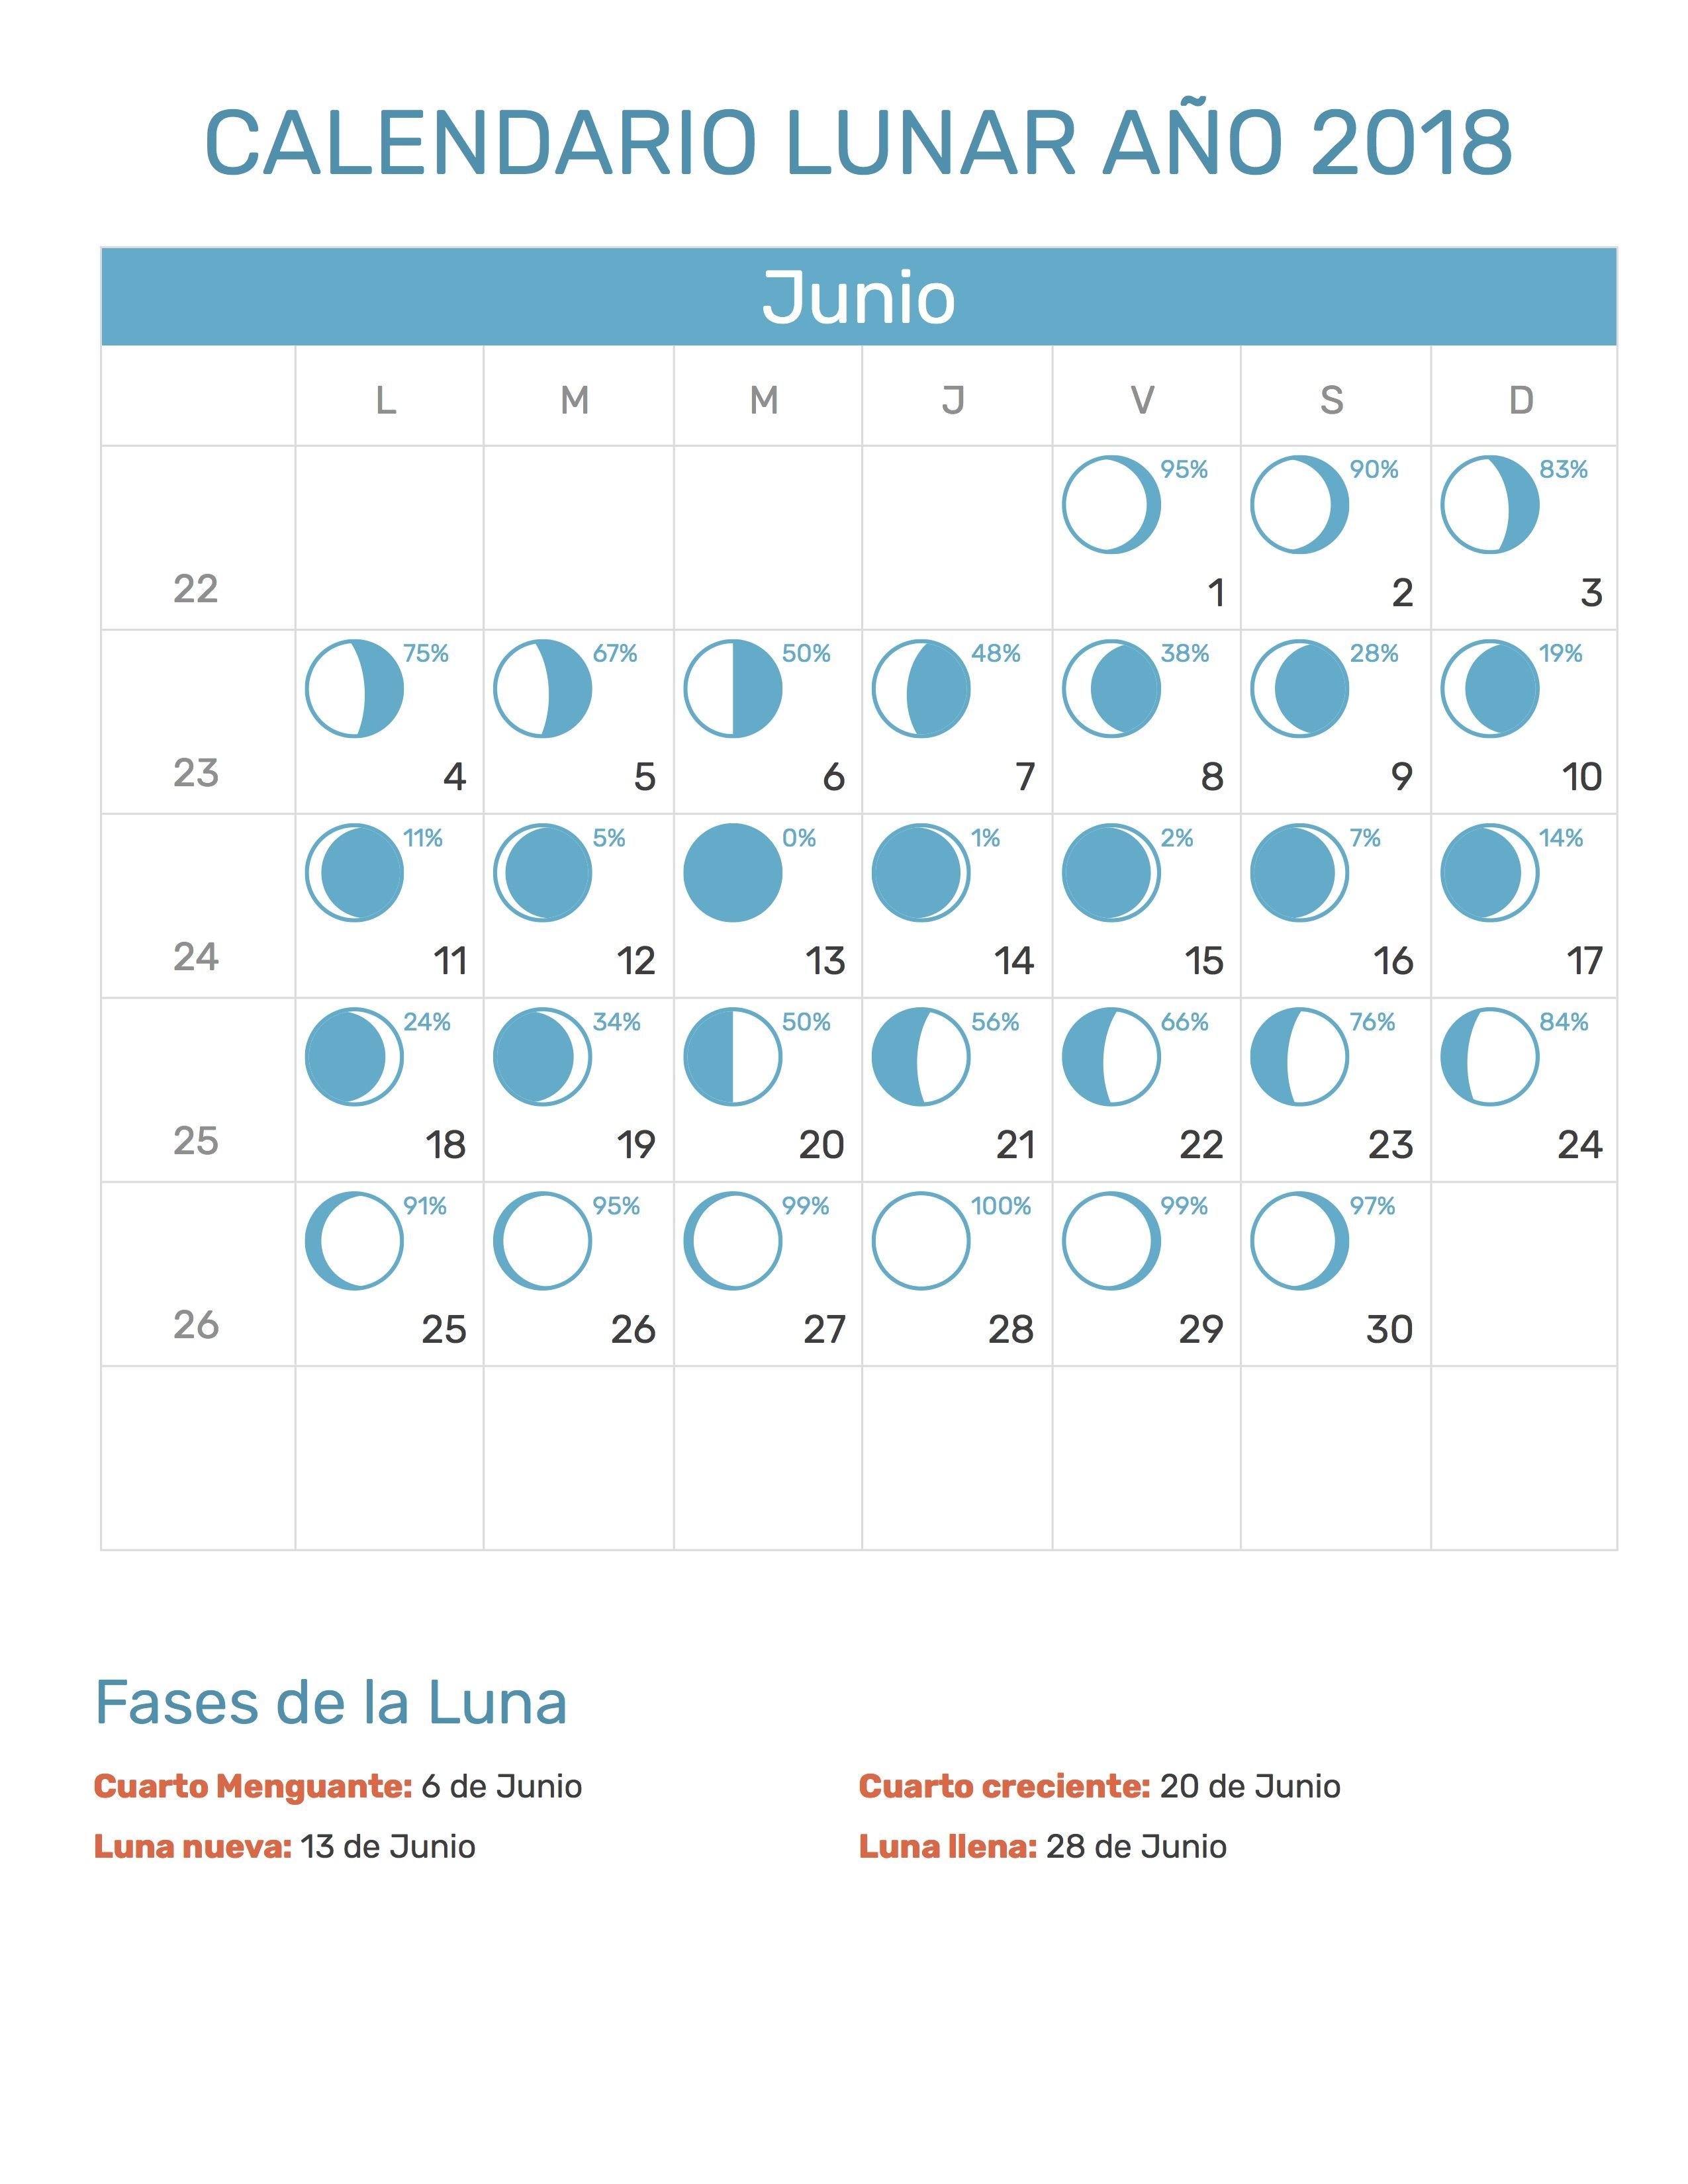 Calendario Lunar Del Mes De Junio Año 2018 Con Fases De Las Luna Correspondiente Versión Para Imprimir En Moon Phase Calendar Moon Calendar June 2019 Calendar